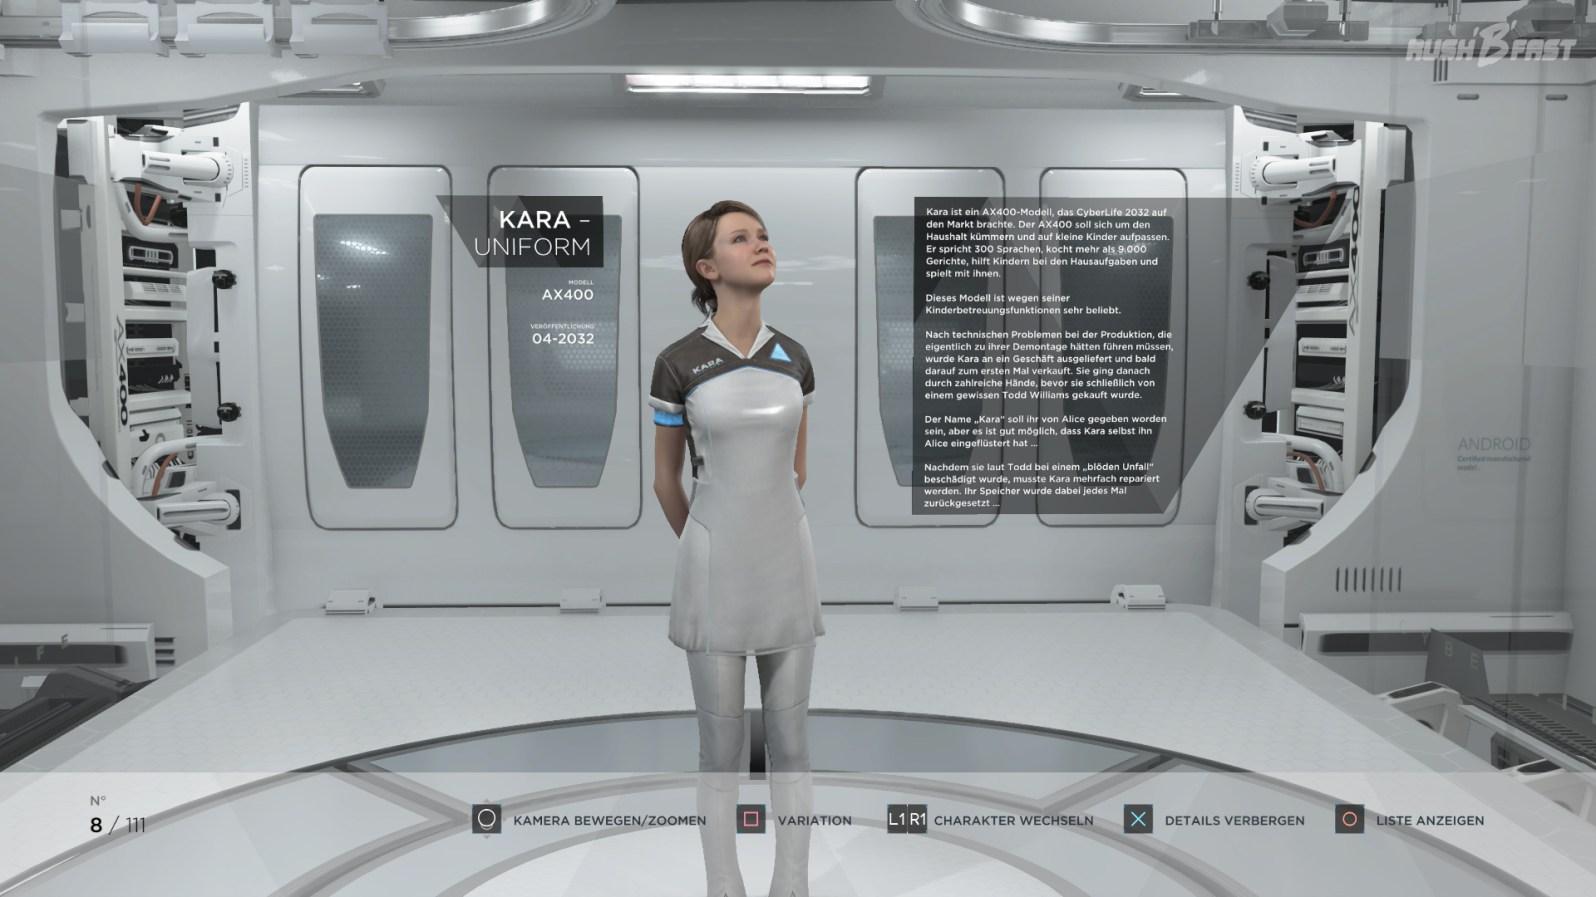 Kara - Modell: AX400